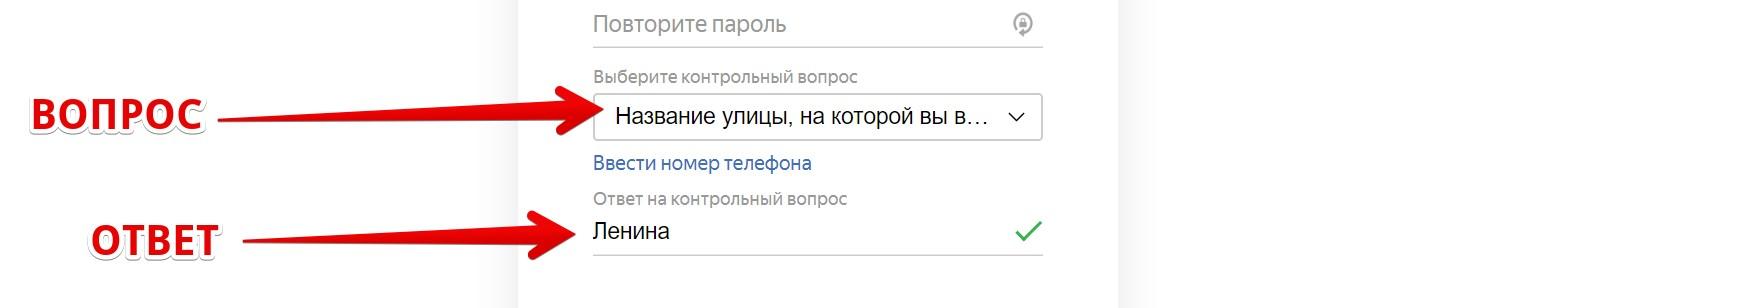 Регистрация на почте яндекс контрольный вопрос для восстановления аккаунта